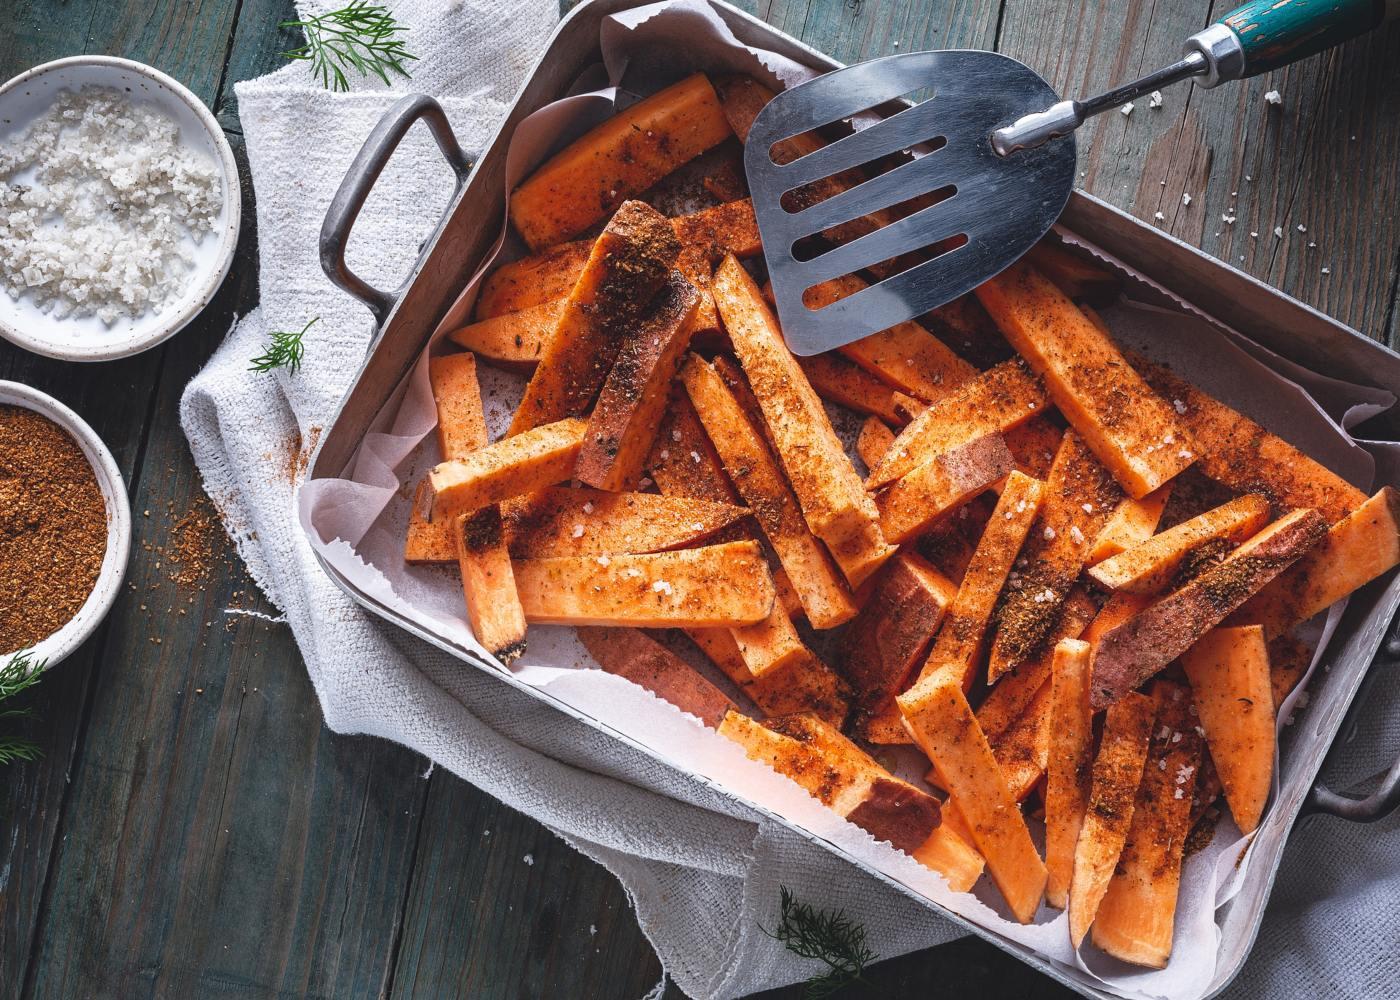 batata-doce com cominhos